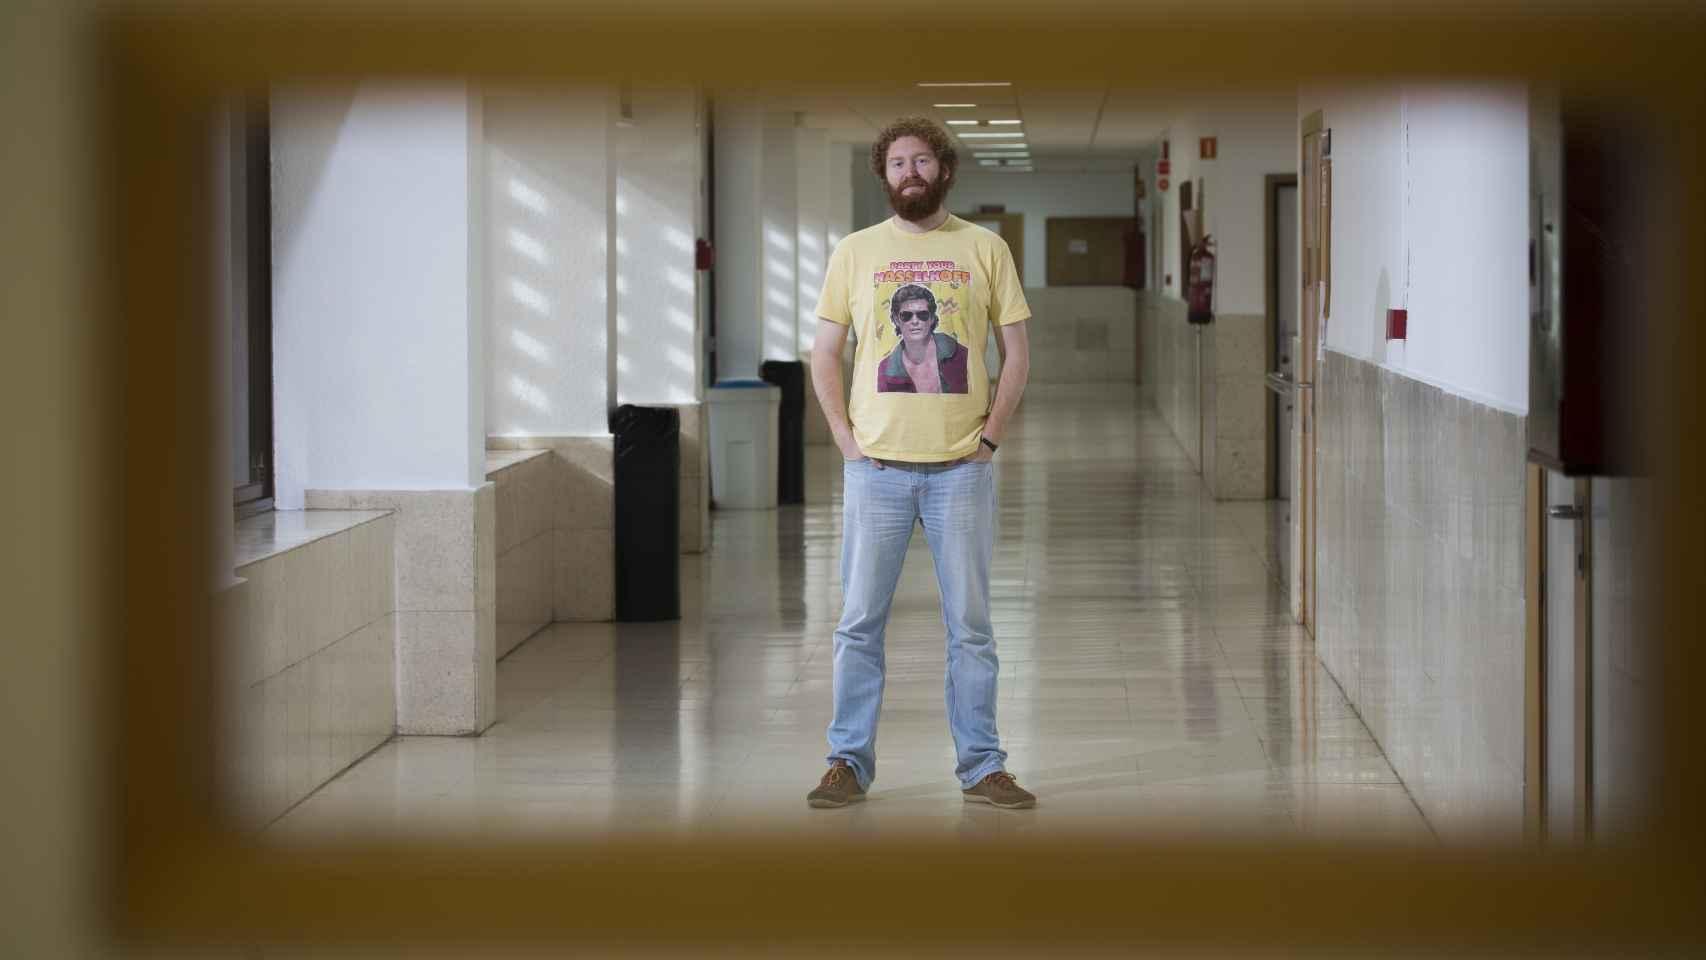 Pedro Laguna, sevillano afincado en Londres, en los pasillos de la facultad de ingeniería informática de Sevilla.